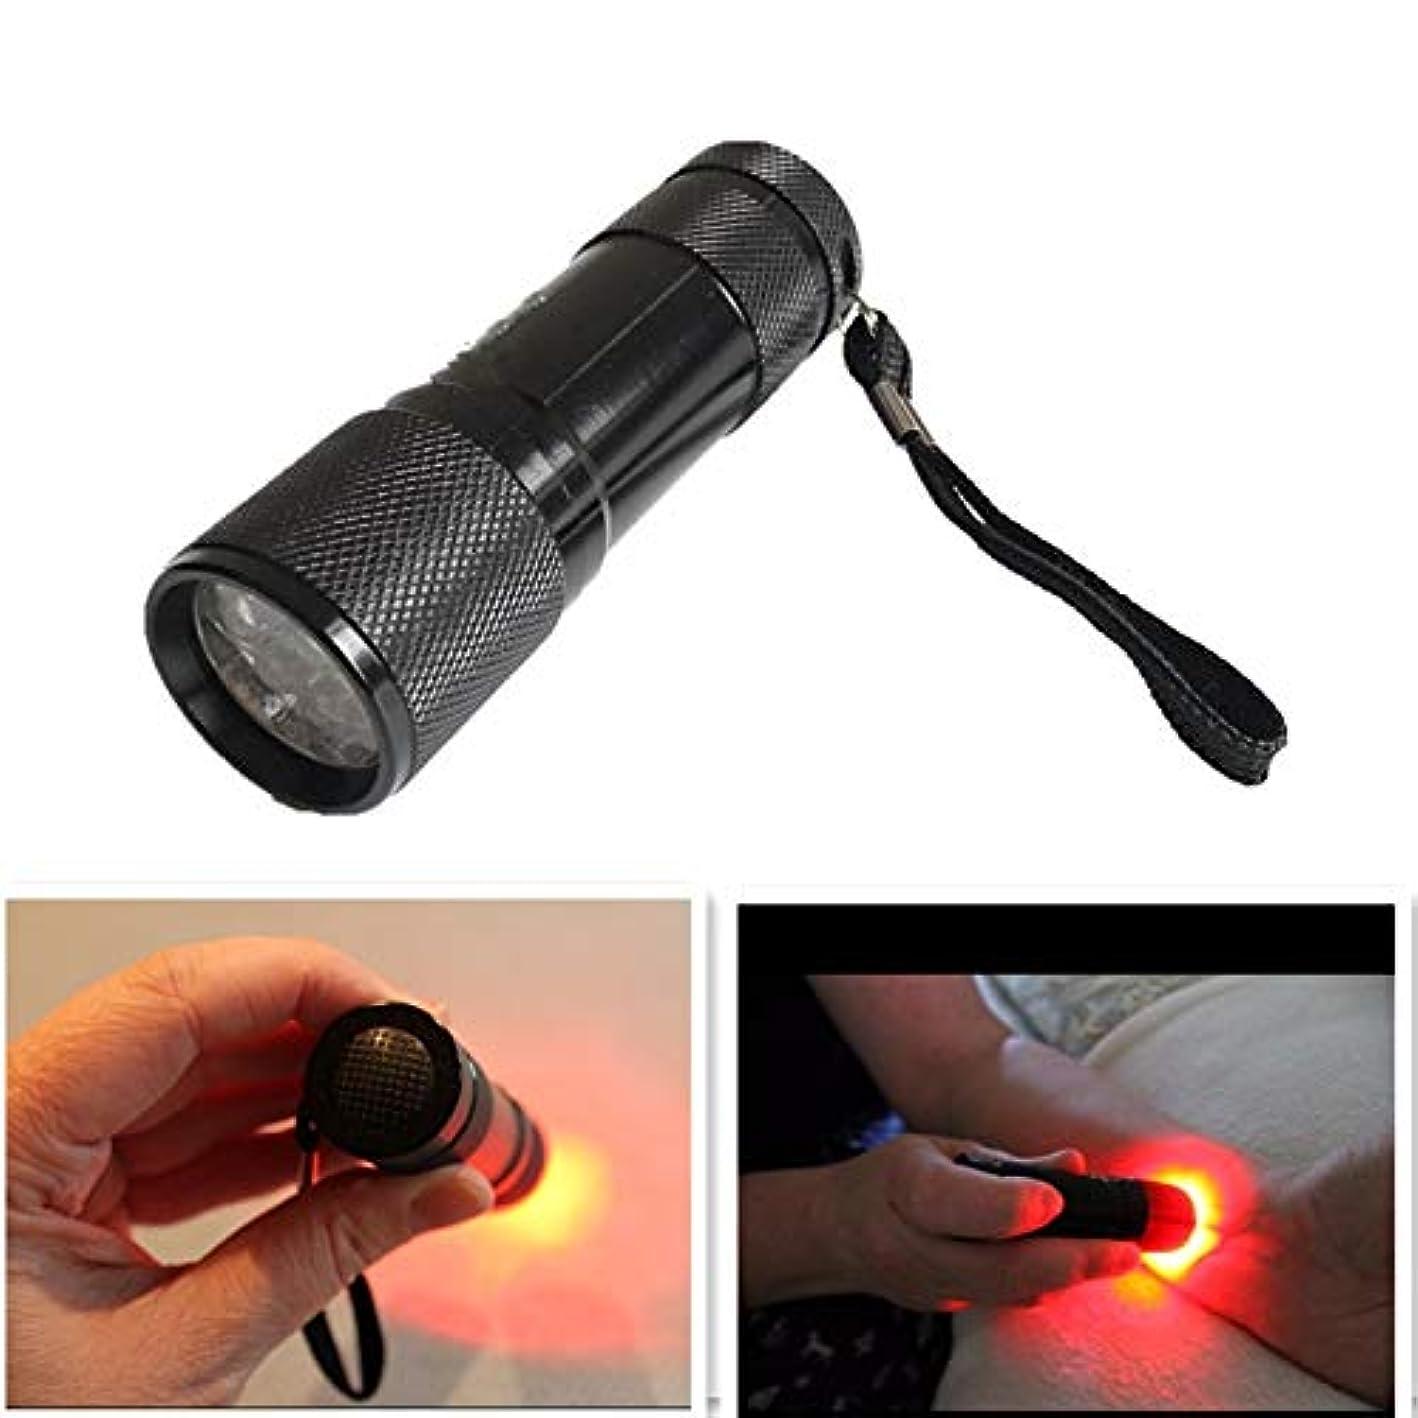 リーフレット専らポルティコ静脈イメージング懐中電灯血管ディスプレイ懐中電灯手穿刺による血管ライトの確認皮下静脈デバイスの発見が容易